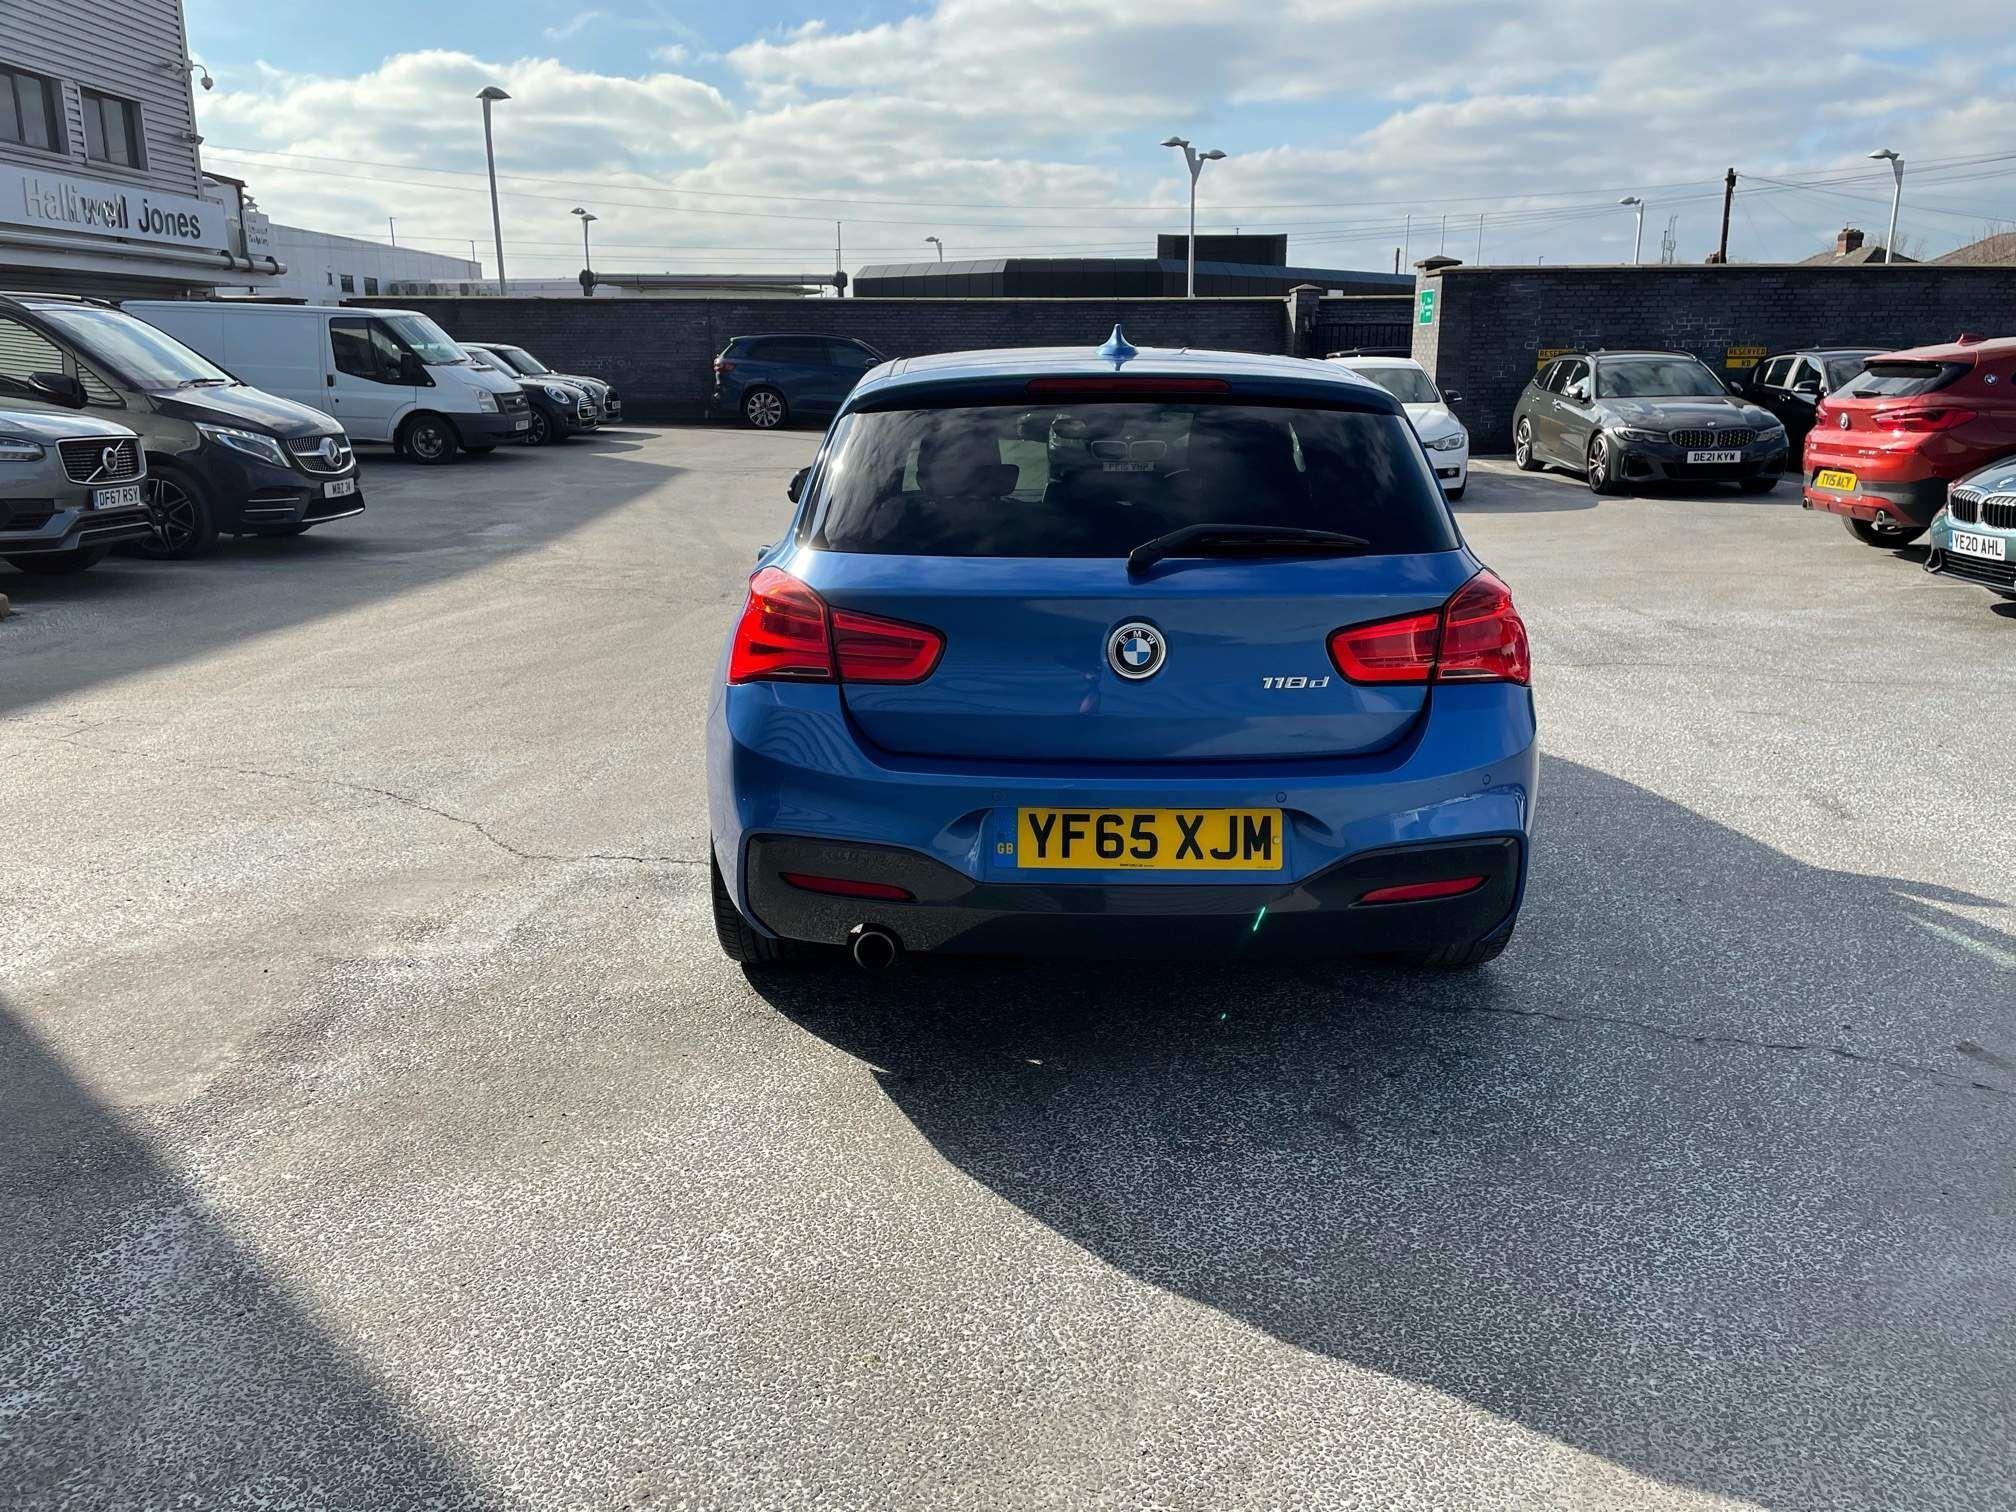 Image 5 - BMW 118d M Sport 5-Door (YF65XJM)